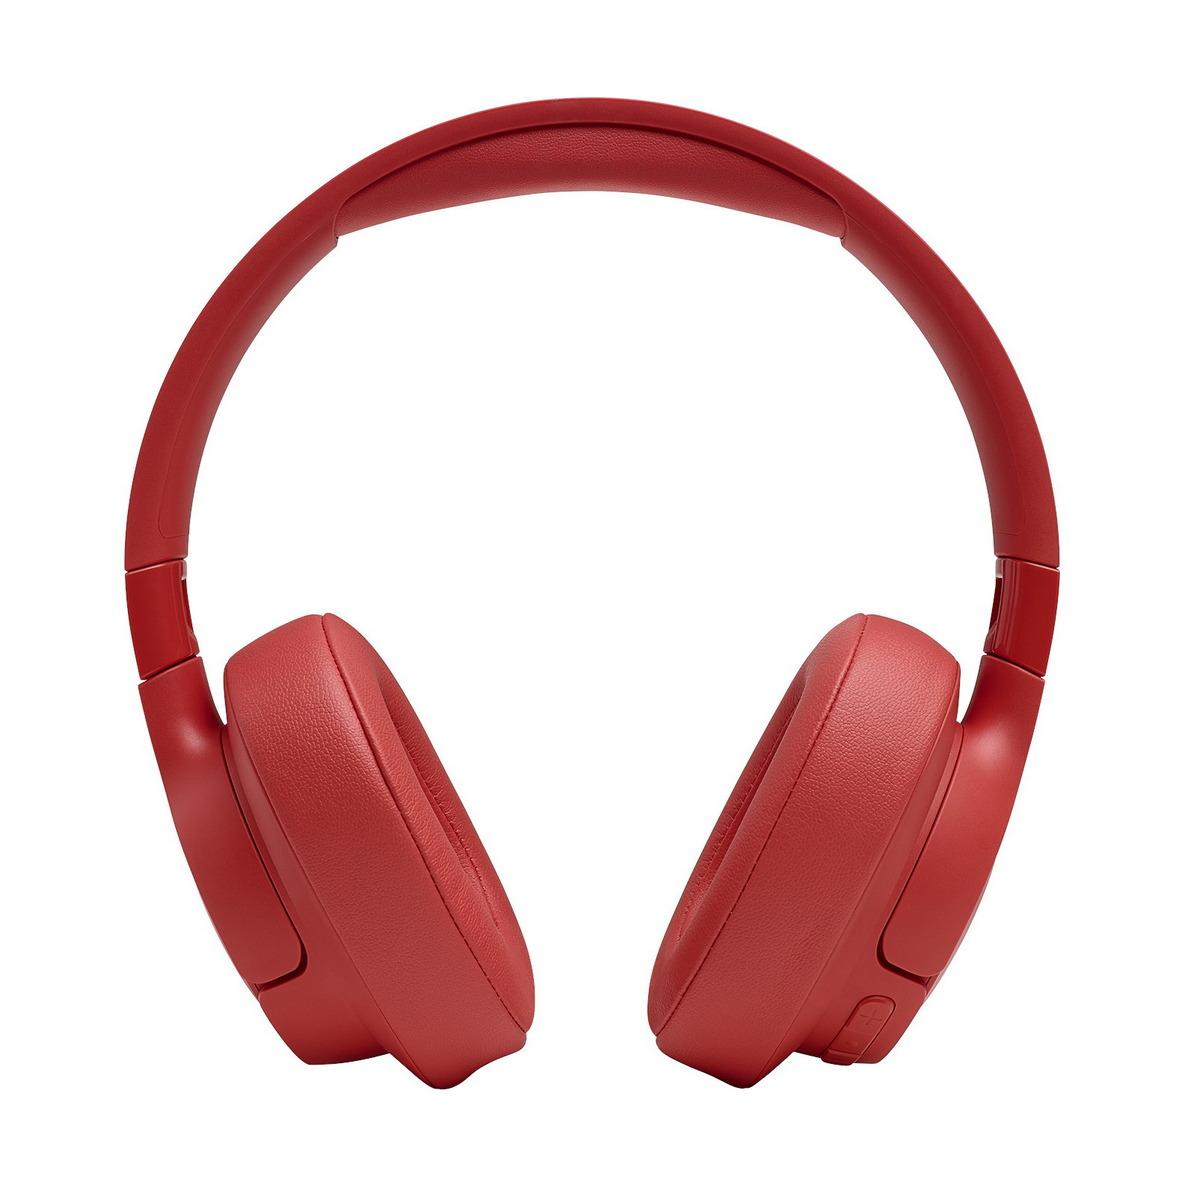 หูฟังไร้สาย (สีแดง) รุ่น Tune 700BT